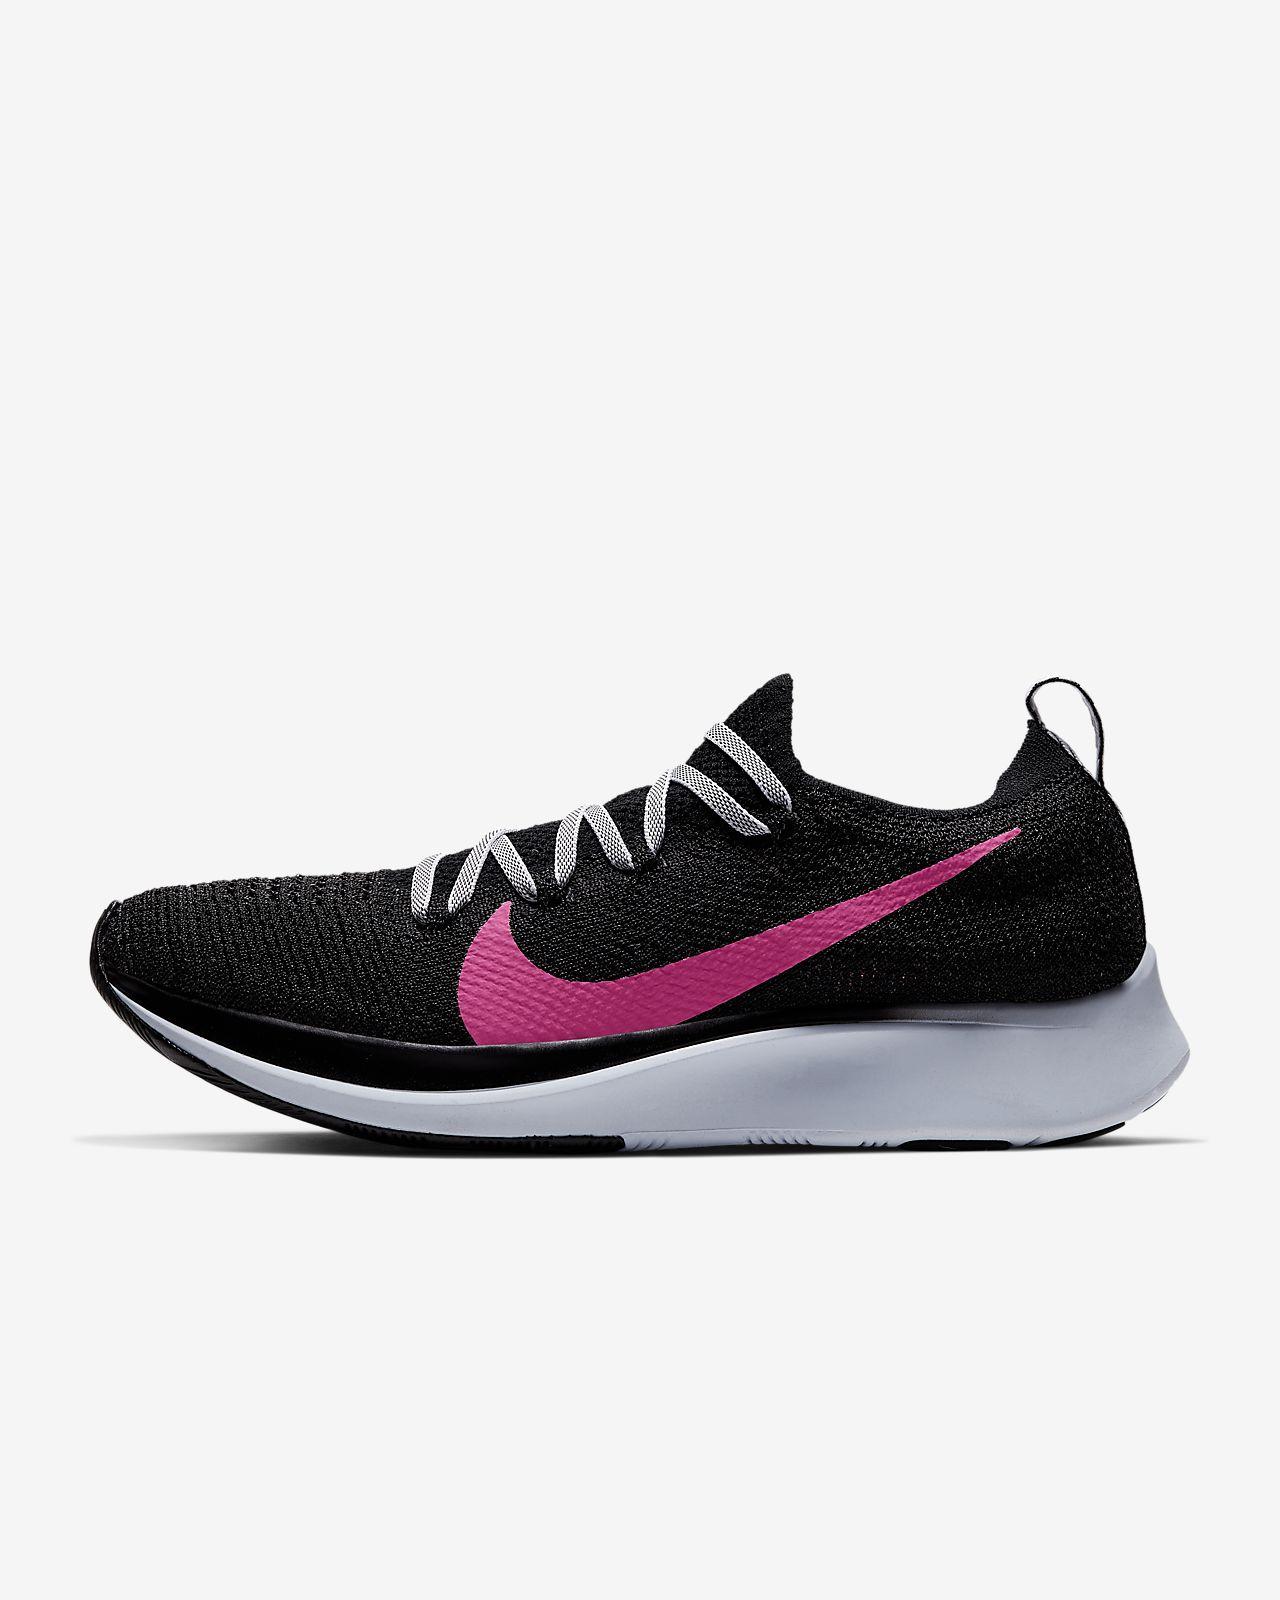 Nike Zoom Fly Flyknit Damen Laufschuh